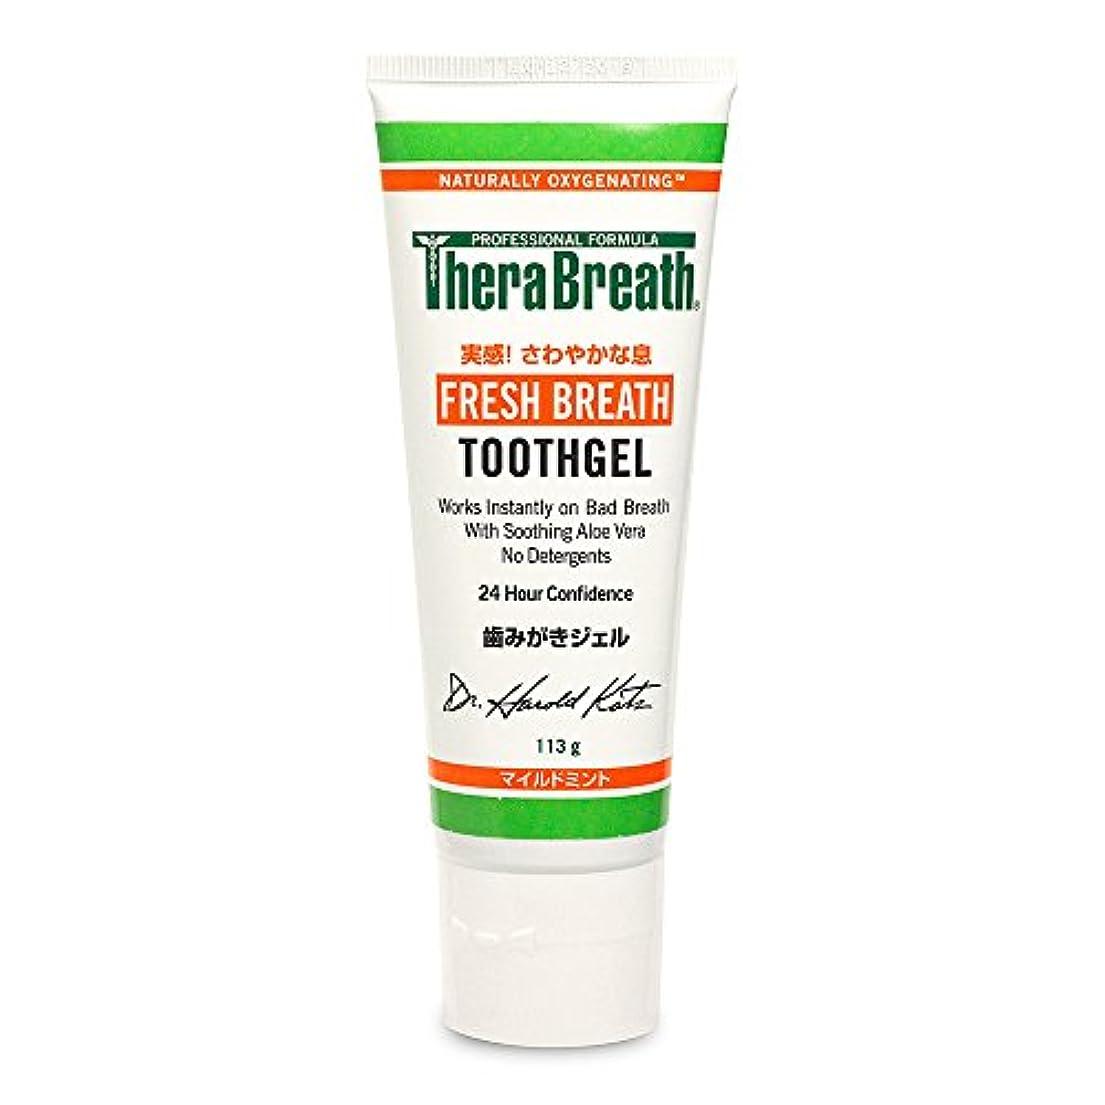 圧倒的フィードオンタイマーTheraBreath (セラブレス) セラブレストゥースジェル 113g (正規輸入品) 舌磨き